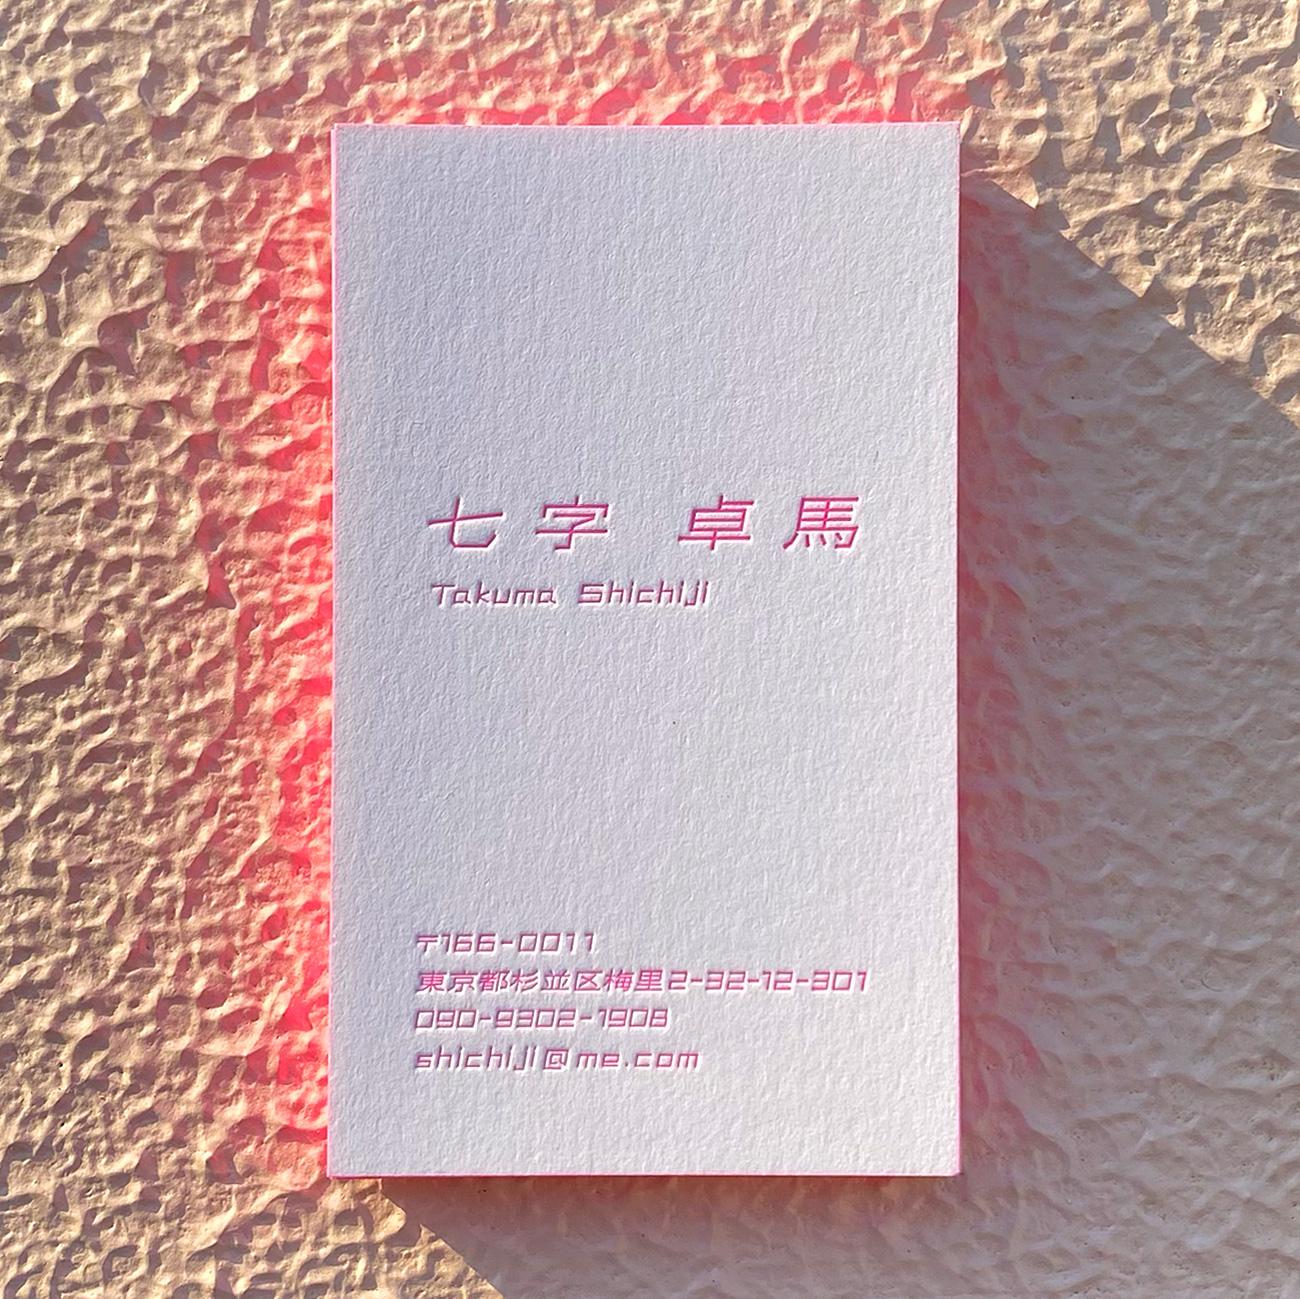 活版印刷+蛍光色+オリジナルフォントの名刺のご提案です